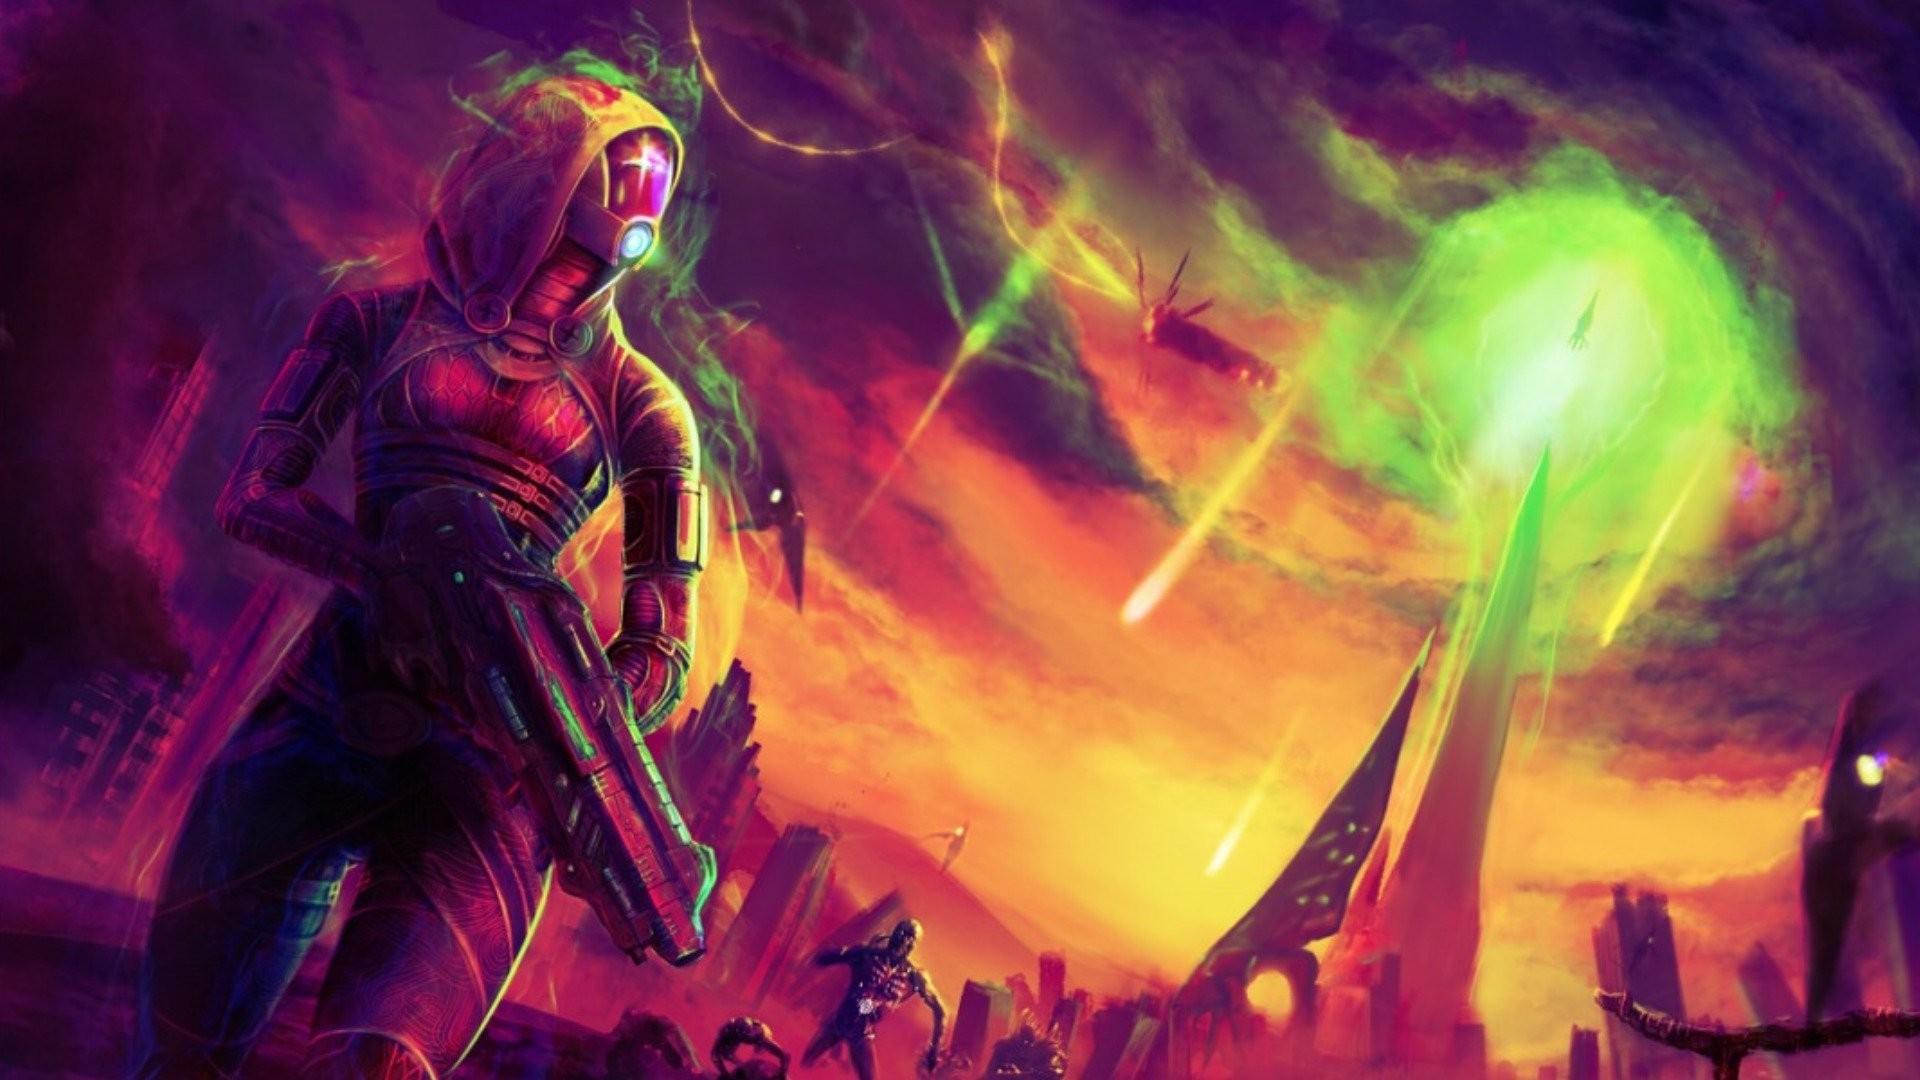 Video Game – Mass Effect Tali'Zorah Wallpaper